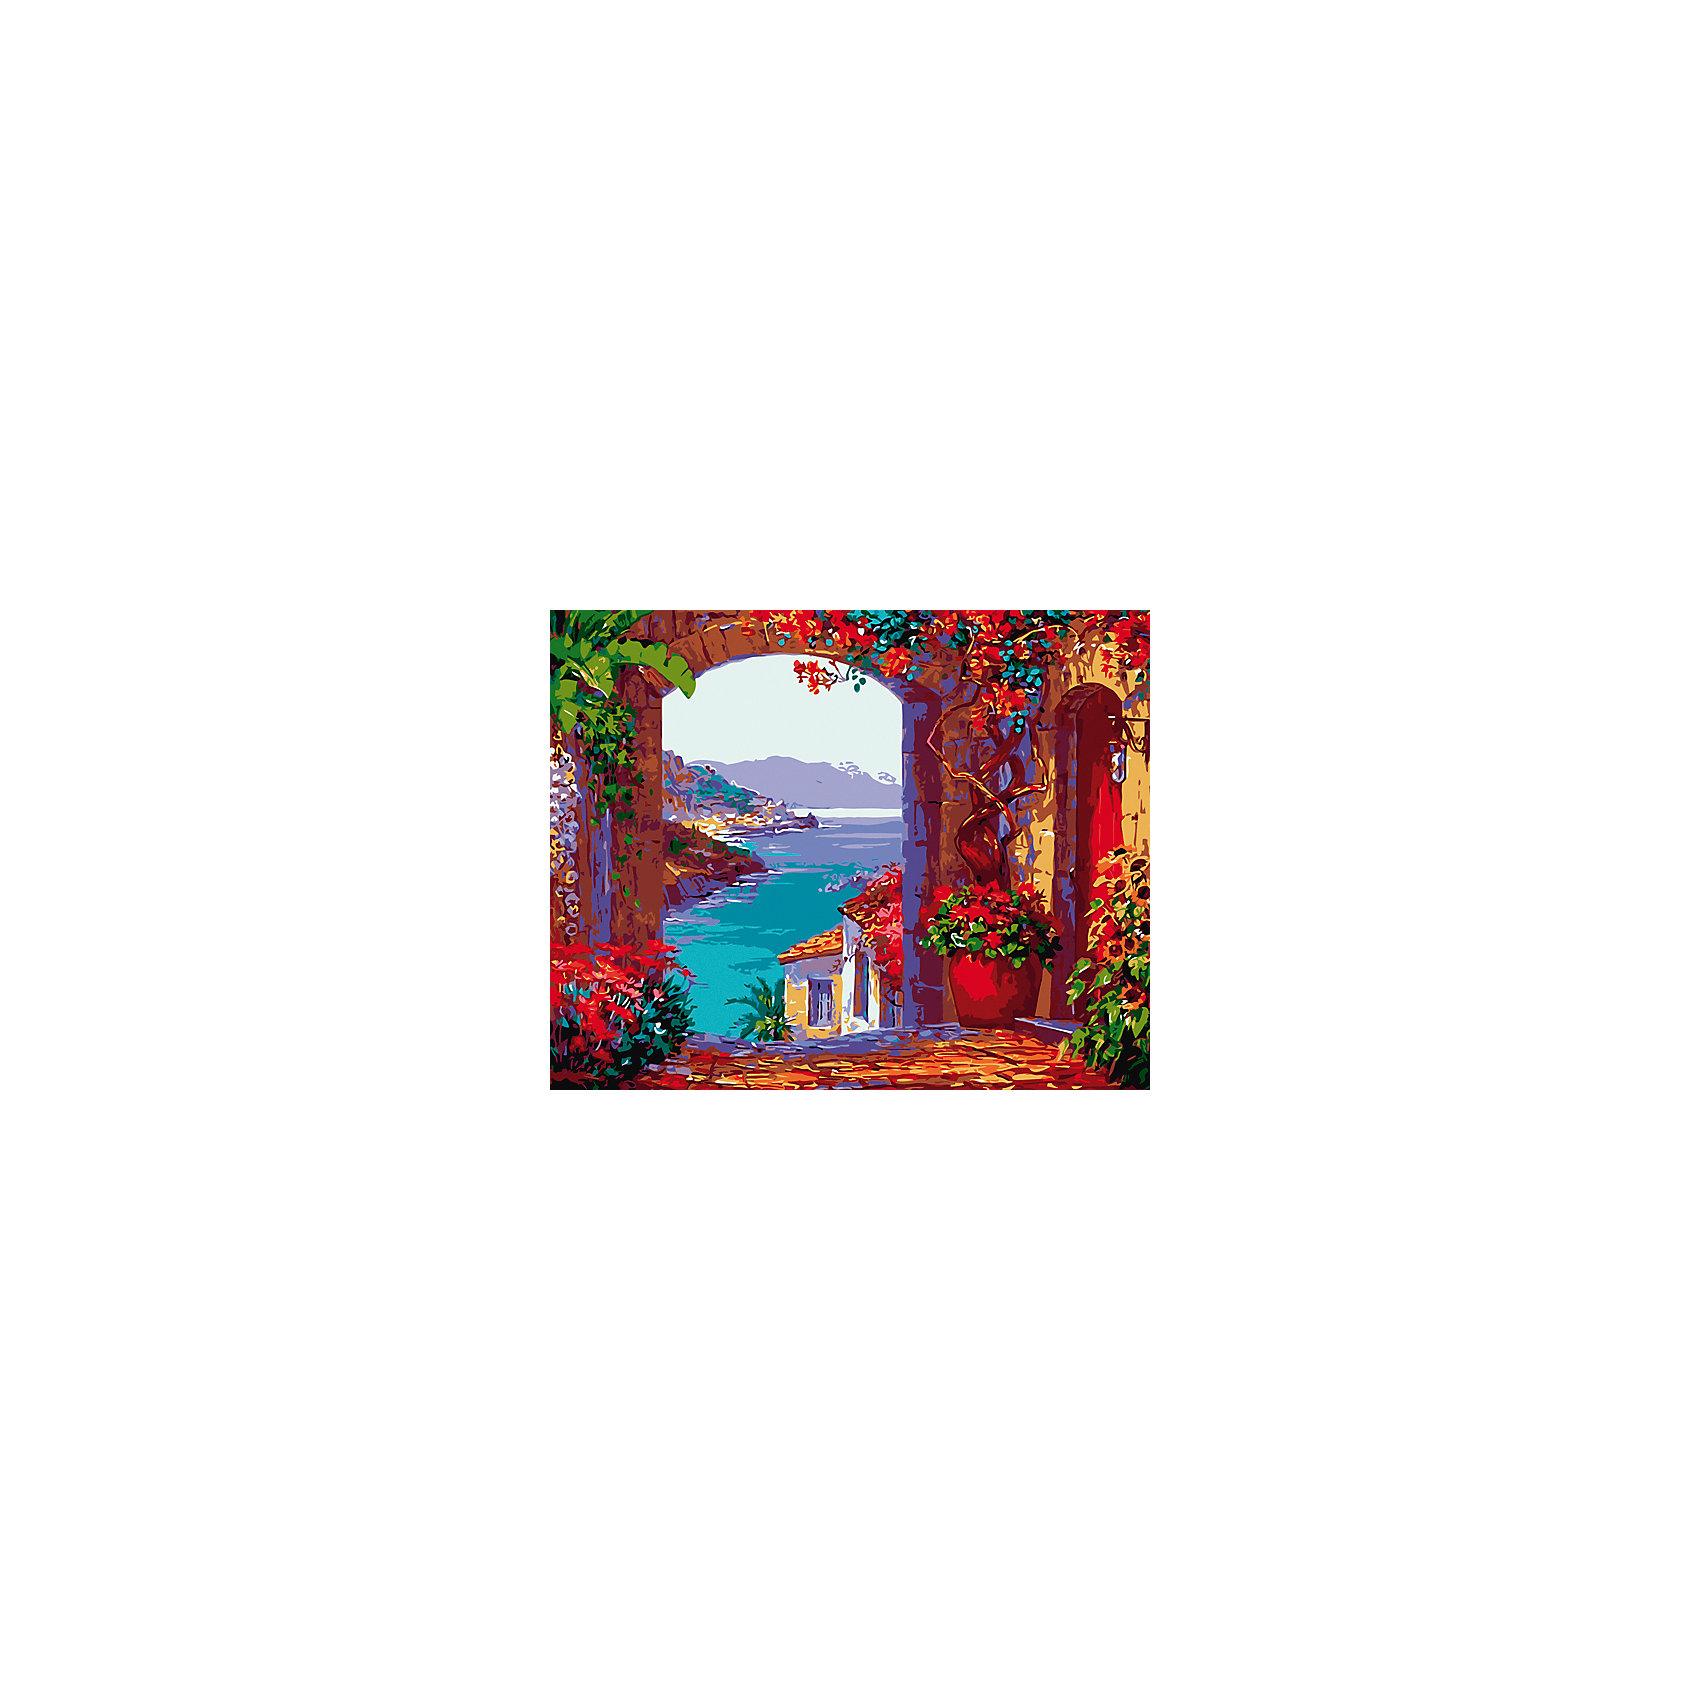 Холст с красками по номерам Романтичный вид на море 40х50 смРаскраски по номерам<br>замечательные наборы для создания уникального шедевра изобразительного искусства. Создание картин на специально подготовленной рабочей поверхности – это уникальная техника, позволяющая делать Ваши шедевры более яркими и реалистичными. Просто нанесите мазки на уже готовый эскиз и оживите картину! Готовые изделия могут стать украшением интерьера или прекрасным подарком близким и друзьям.<br><br>Ширина мм: 510<br>Глубина мм: 410<br>Высота мм: 25<br>Вес г: 900<br>Возраст от месяцев: 36<br>Возраст до месяцев: 108<br>Пол: Унисекс<br>Возраст: Детский<br>SKU: 5096783